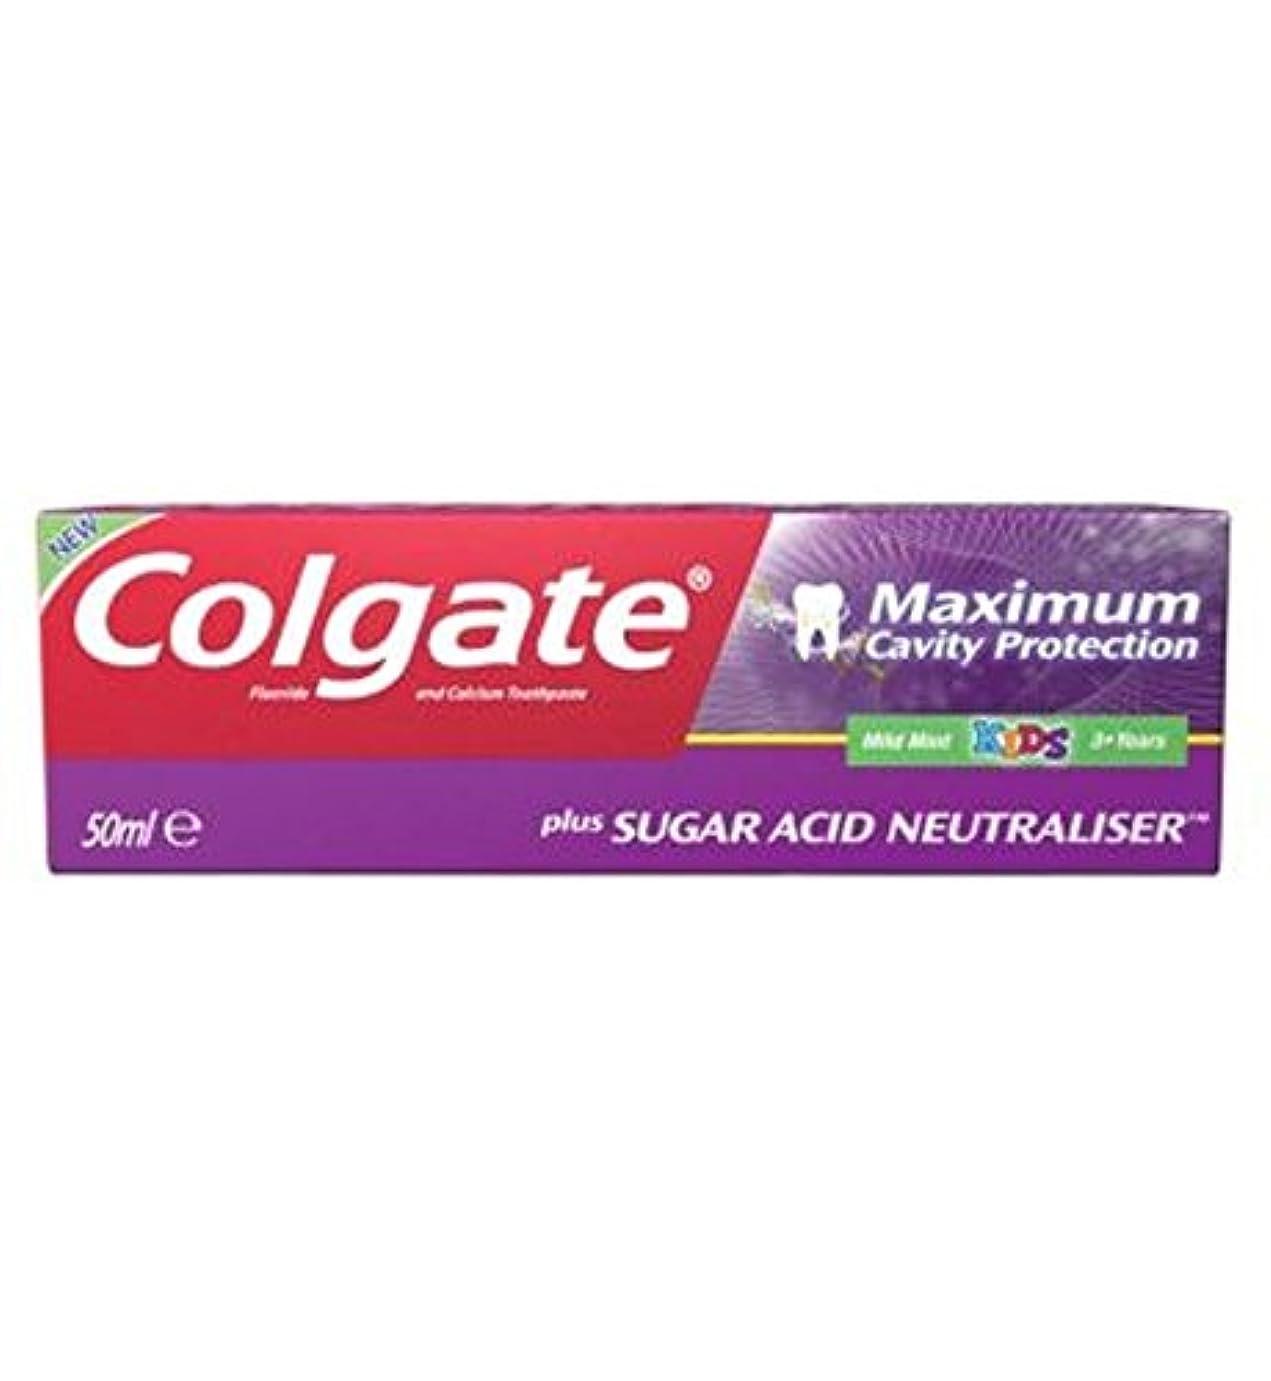 休暇約設定モールス信号コルゲート最大空洞の保護に加えて、糖酸中和剤の子供の歯磨き粉50ミリリットル (Colgate) (x2) - Colgate Maximum Cavity Protection plus Sugar Acid Neutraliser...